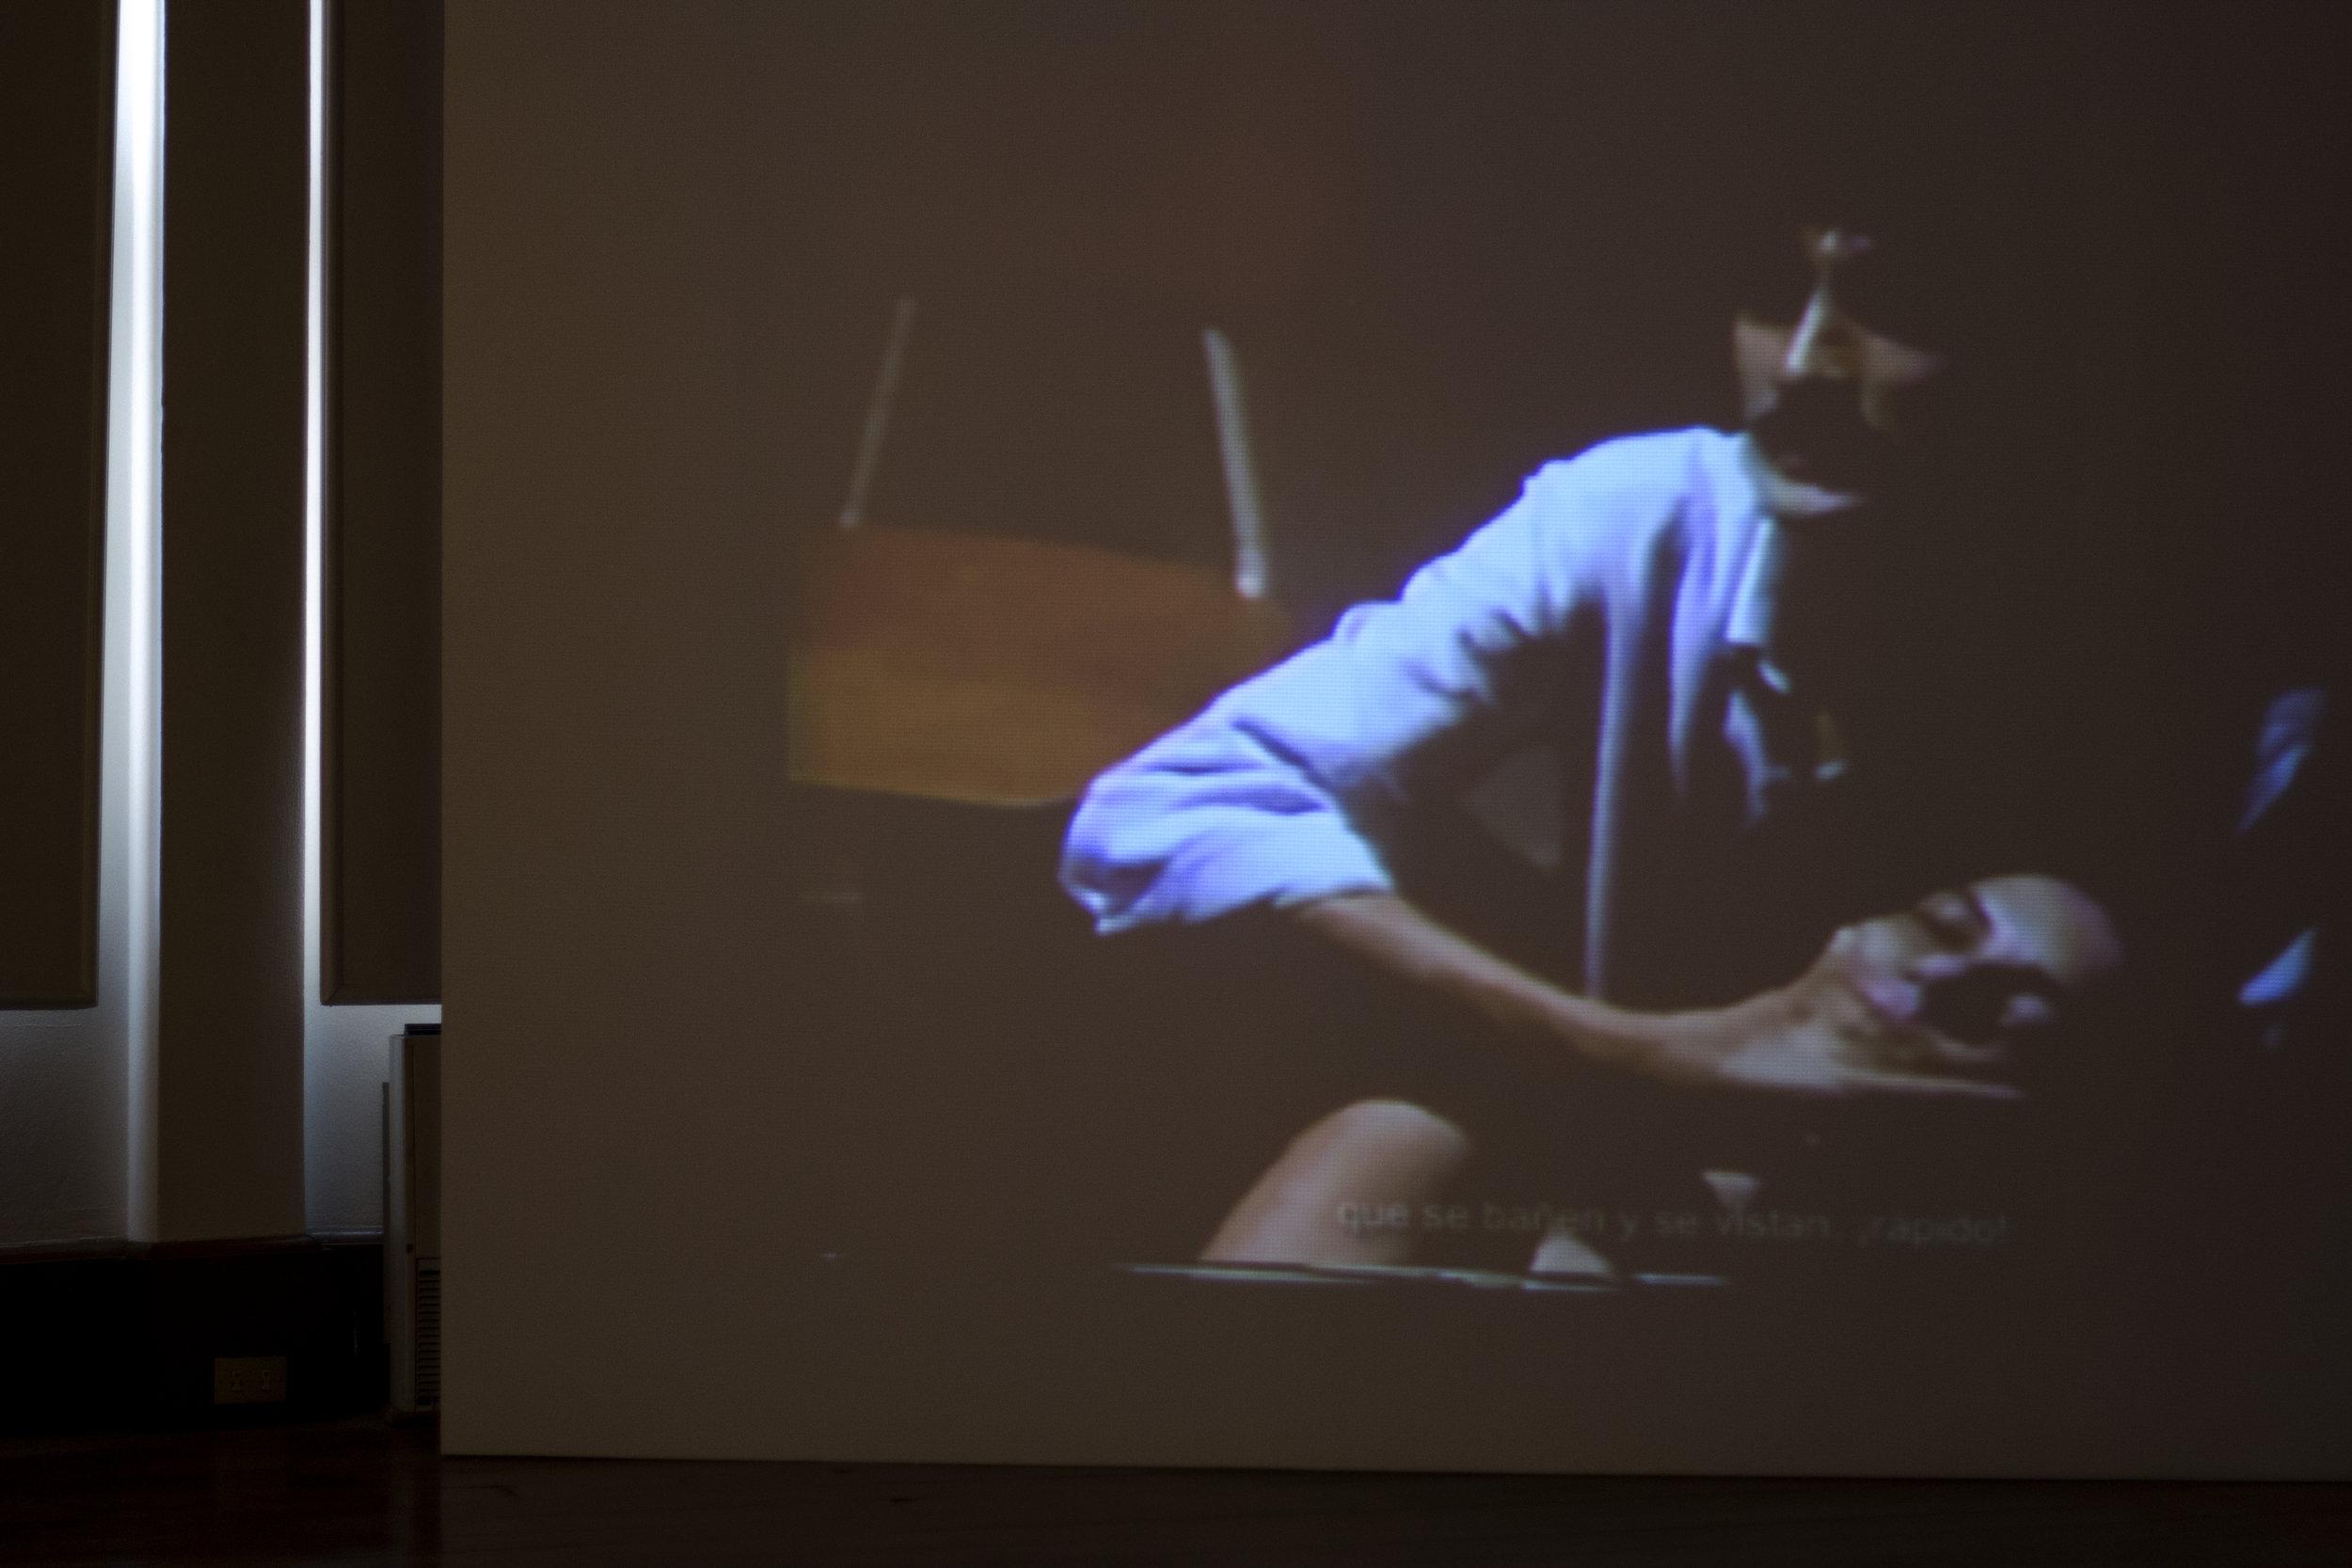 """""""La premonición"""", video loop. Miguel Regueyra. Installation View. Images by Verónica Alfaro. 2017"""